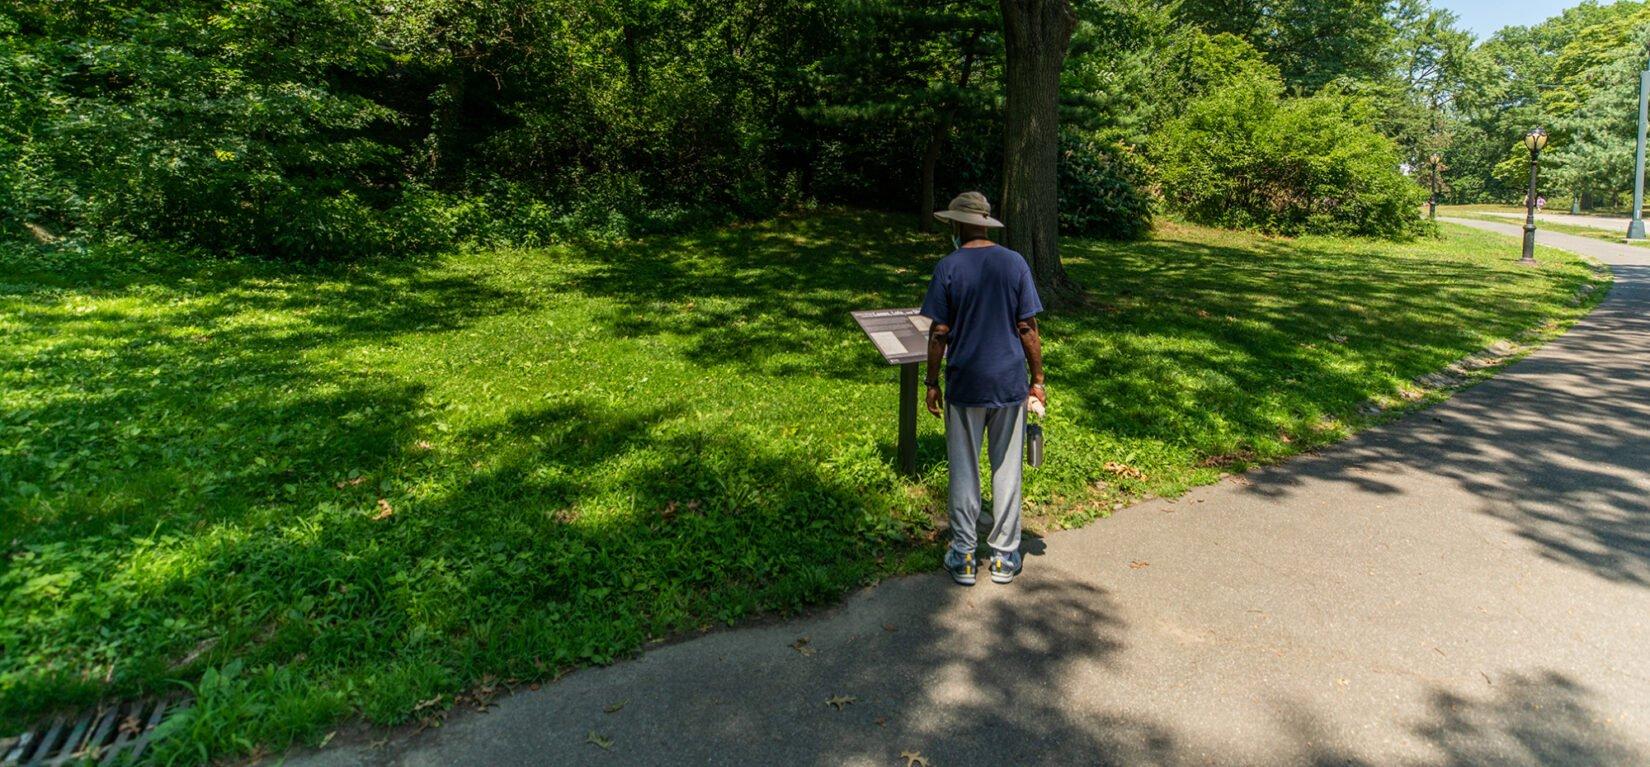 Park visitor reading Discover Seneca Village signage